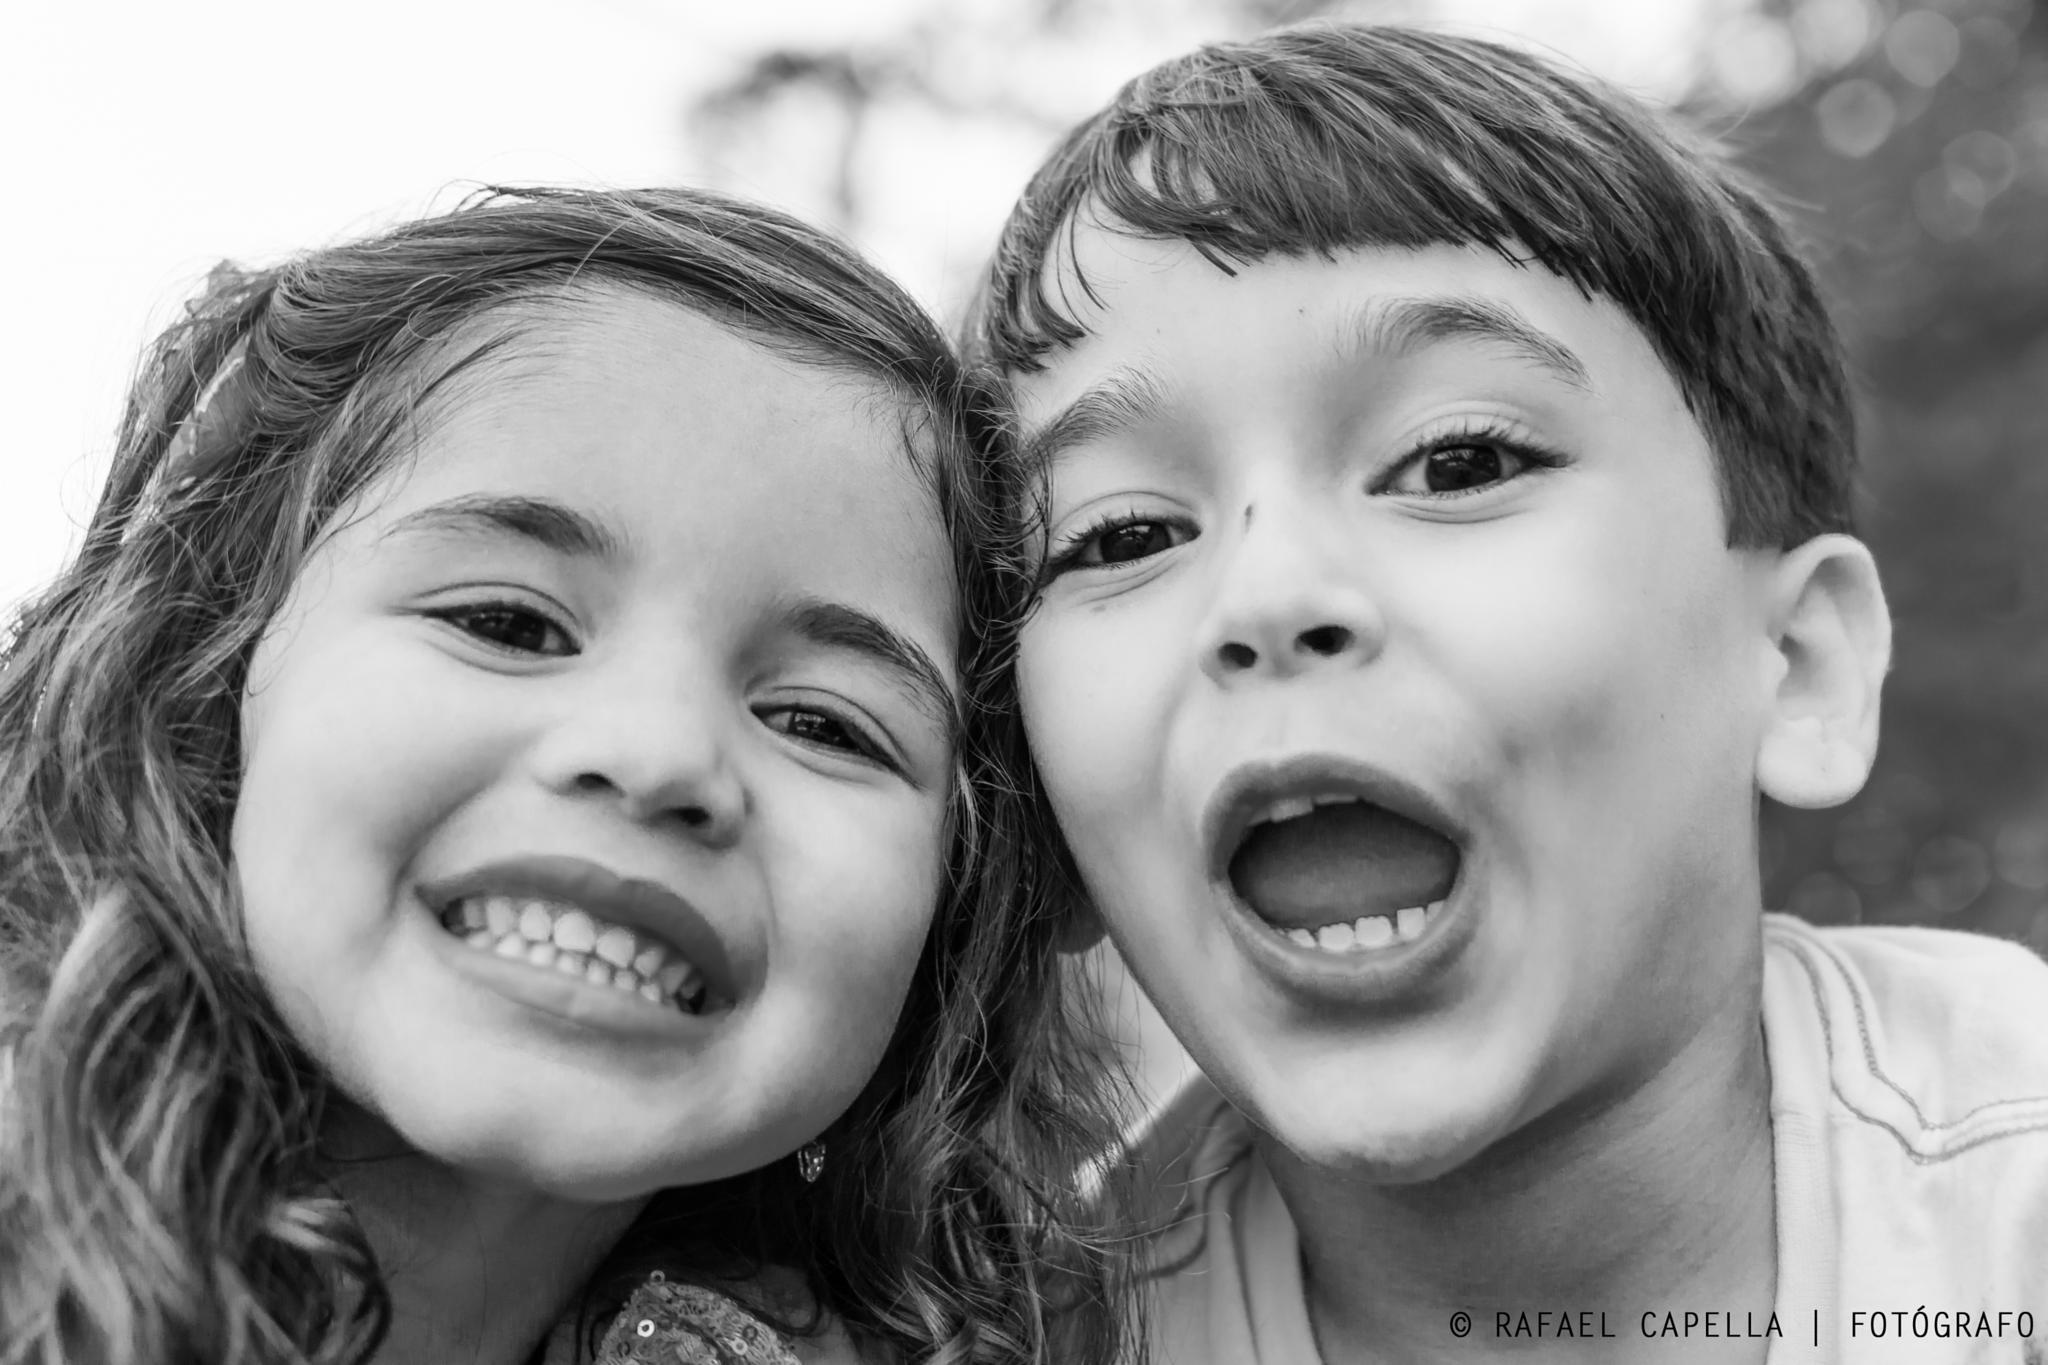 Unknown children. by Rafael Capella